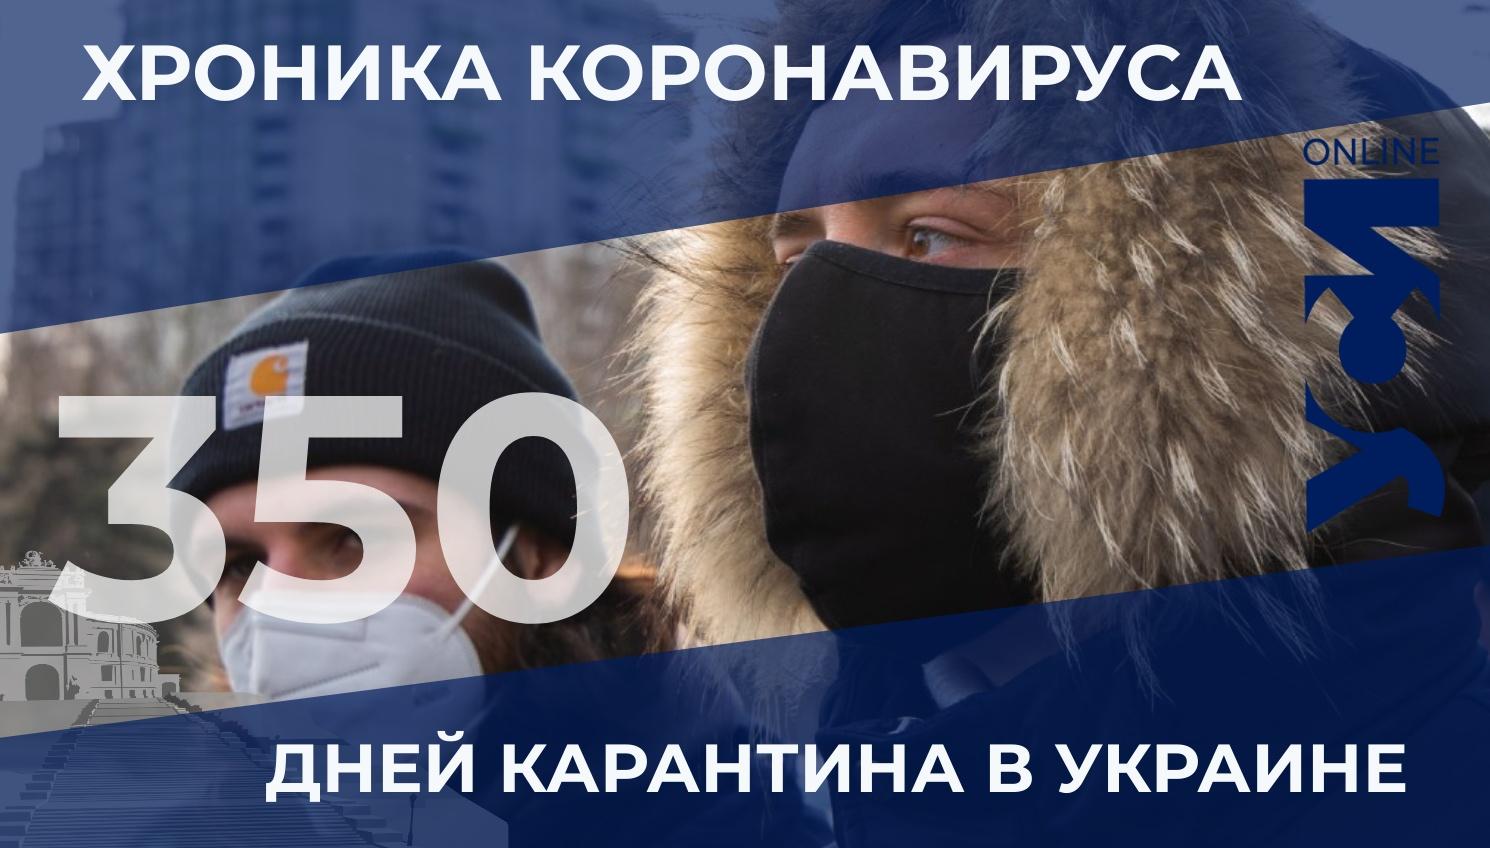 Хроника COVID-19: в Одесской области — 215 новых заболевших «фото»